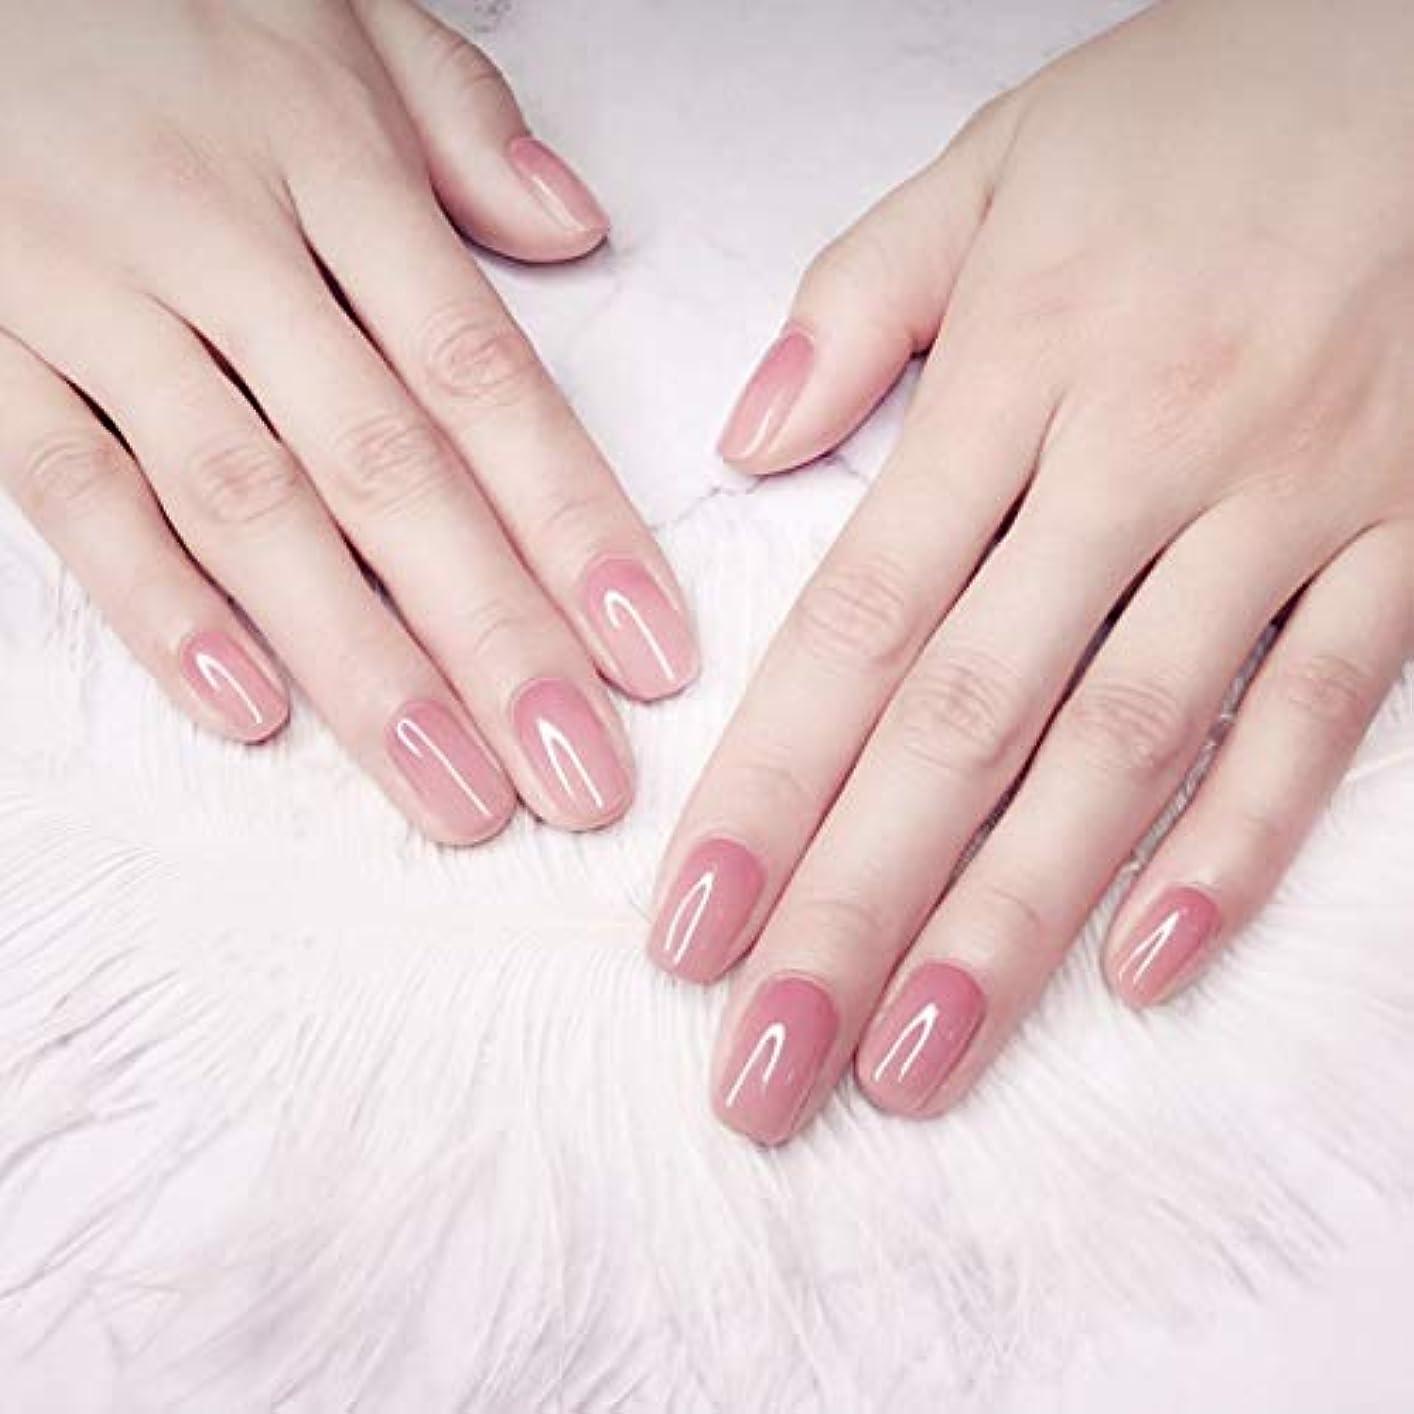 ふつう不透明な権限を与える24枚純色付け爪 ネイル貼るだけネイルチップ お花嫁付け爪 さくら カラーグラデーション フラットヘッド 平頭爪チップ